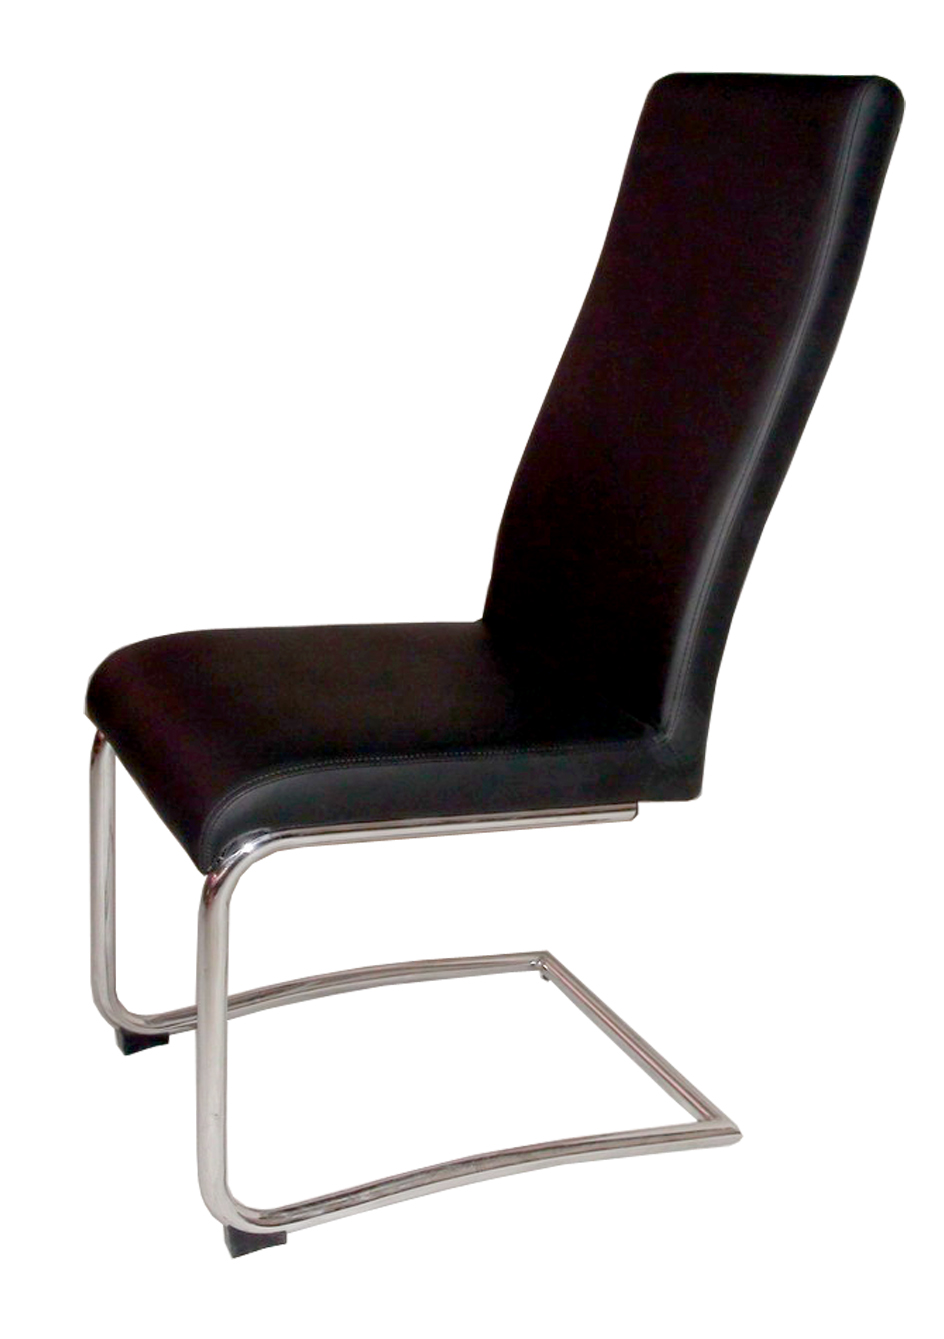 클래식 가죽 사무실 의자/ 식당 의자/ dc832 리셉션 의자-사무실 ...